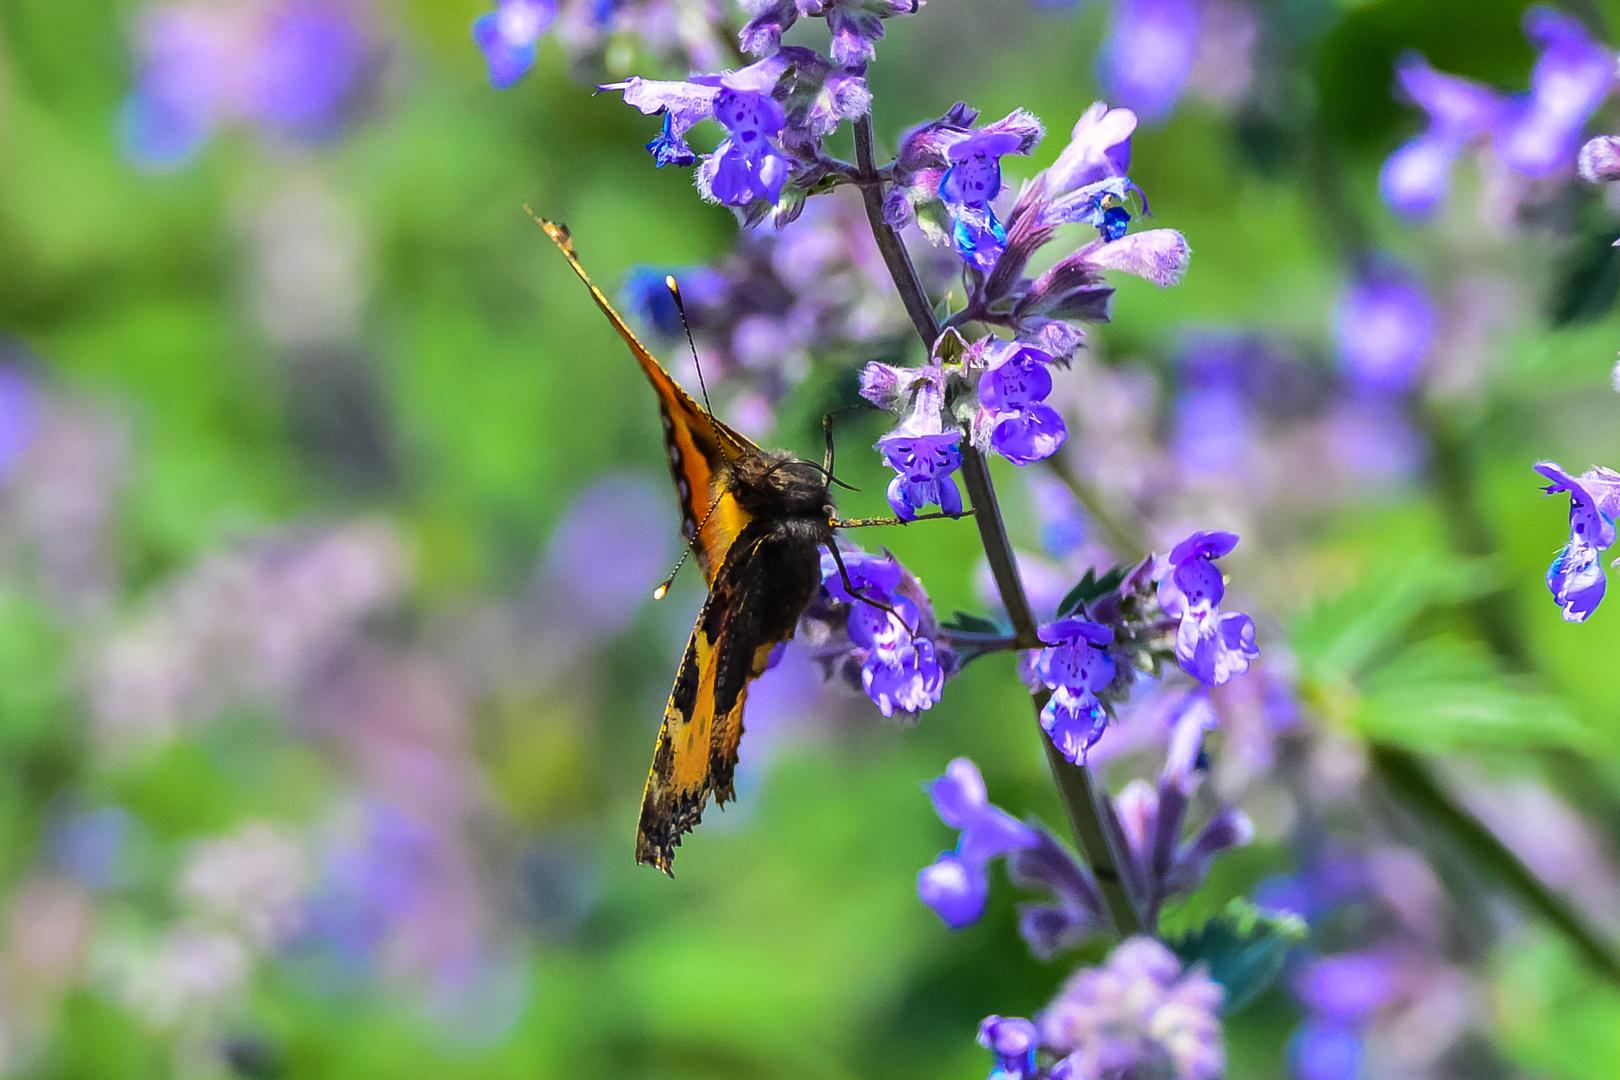 Schmetterling beim Futtern ;-)